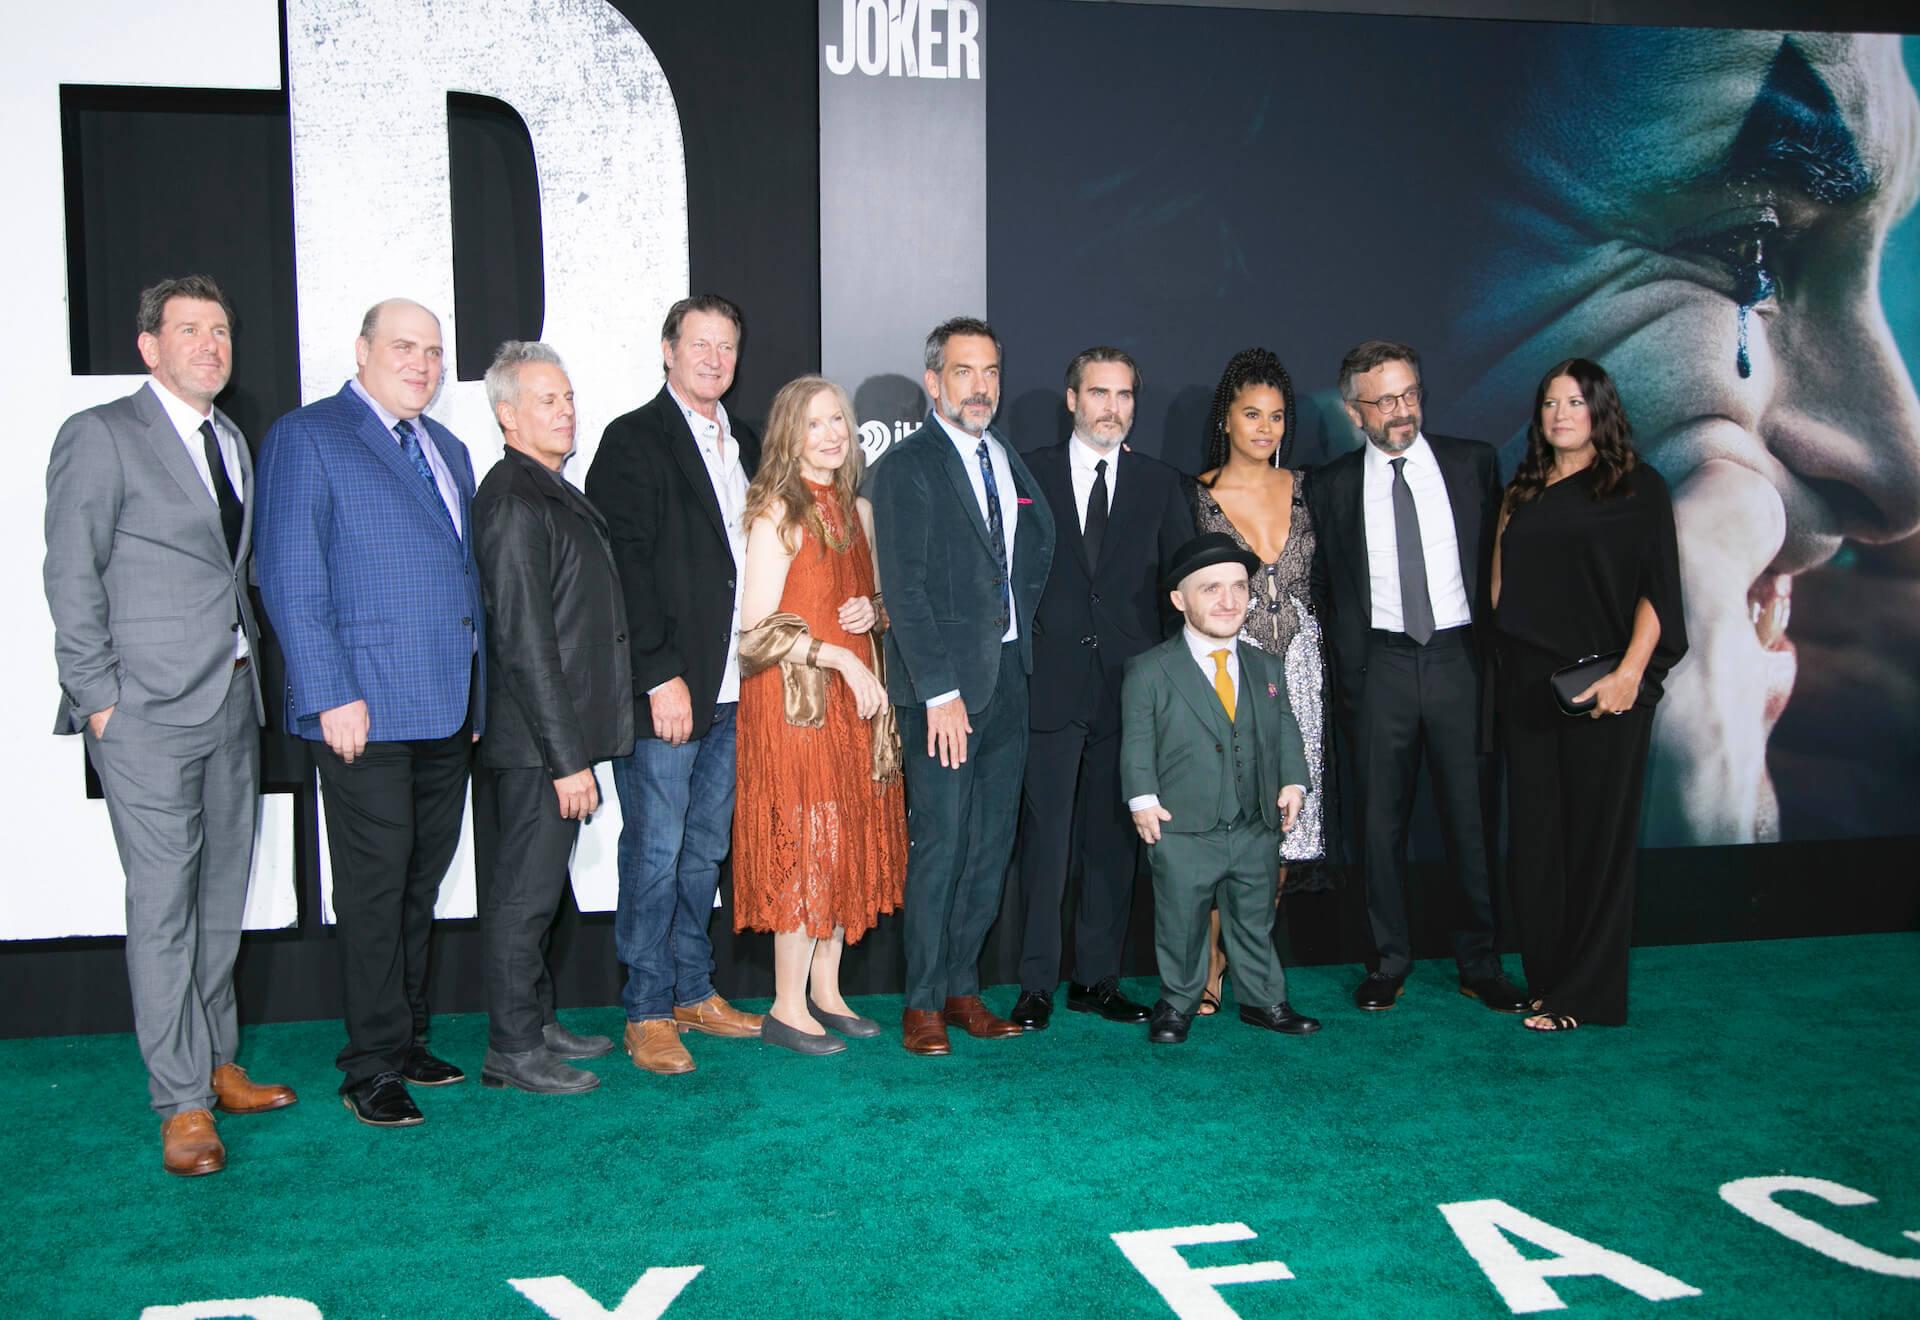 映画『ジョーカー』ホアキン・フェニックスが<USプレミア>で語る本作への想いとは? film190930joker-premier_1